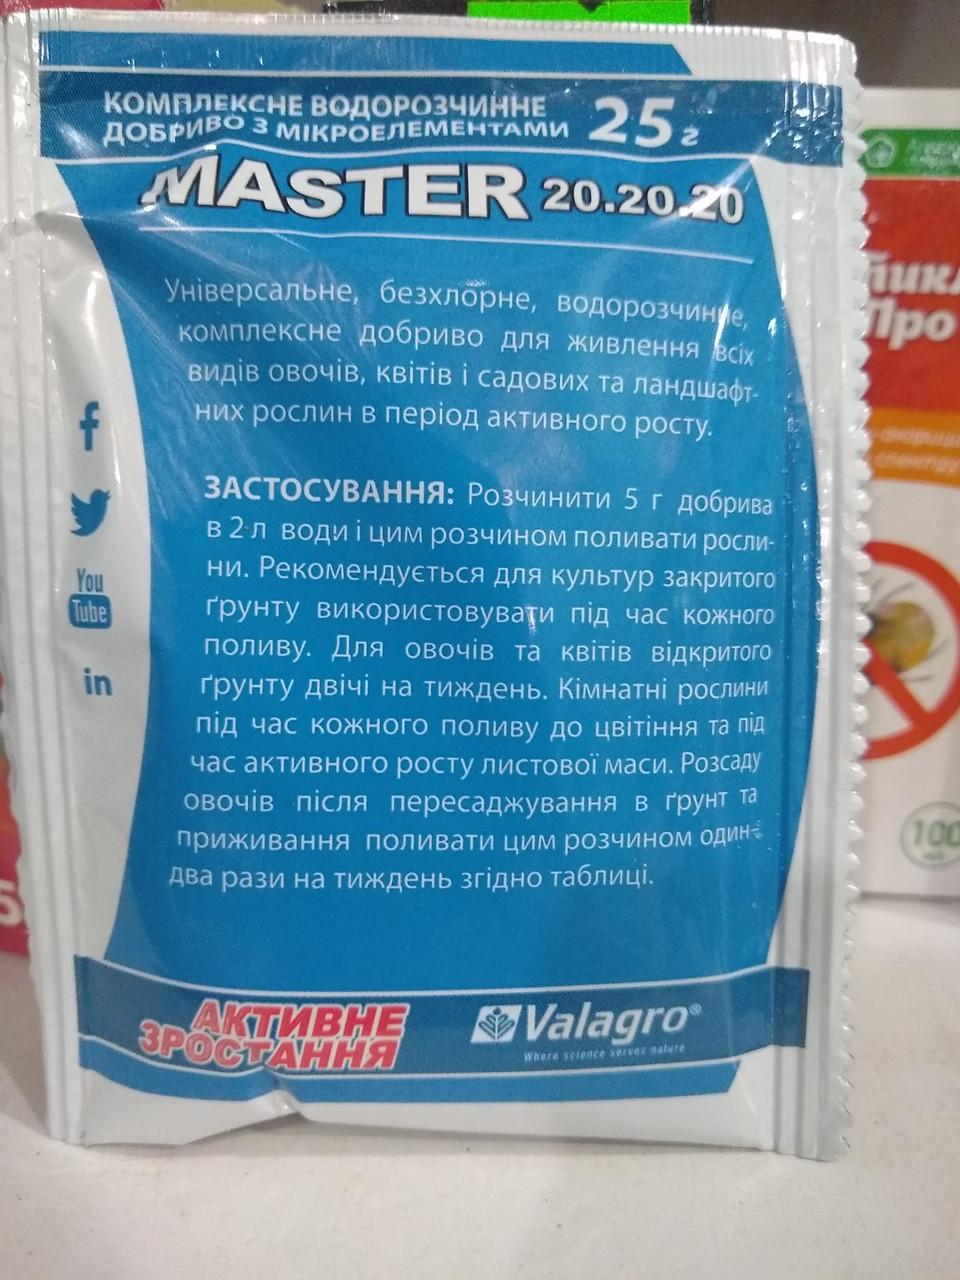 Удобрение с микроэлементами MASTER 20.20.20 активный рост 25 грамм, Valagro, Италия